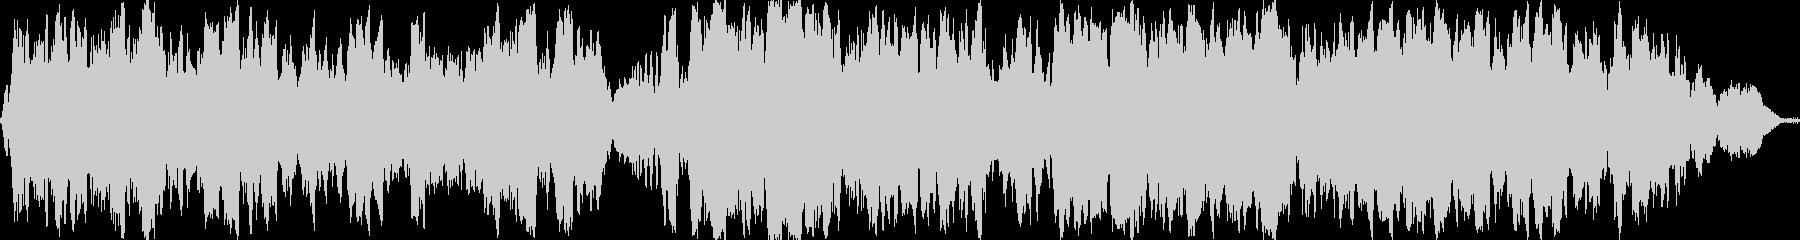 感動的な弦楽四重奏/高級感の演出にの未再生の波形